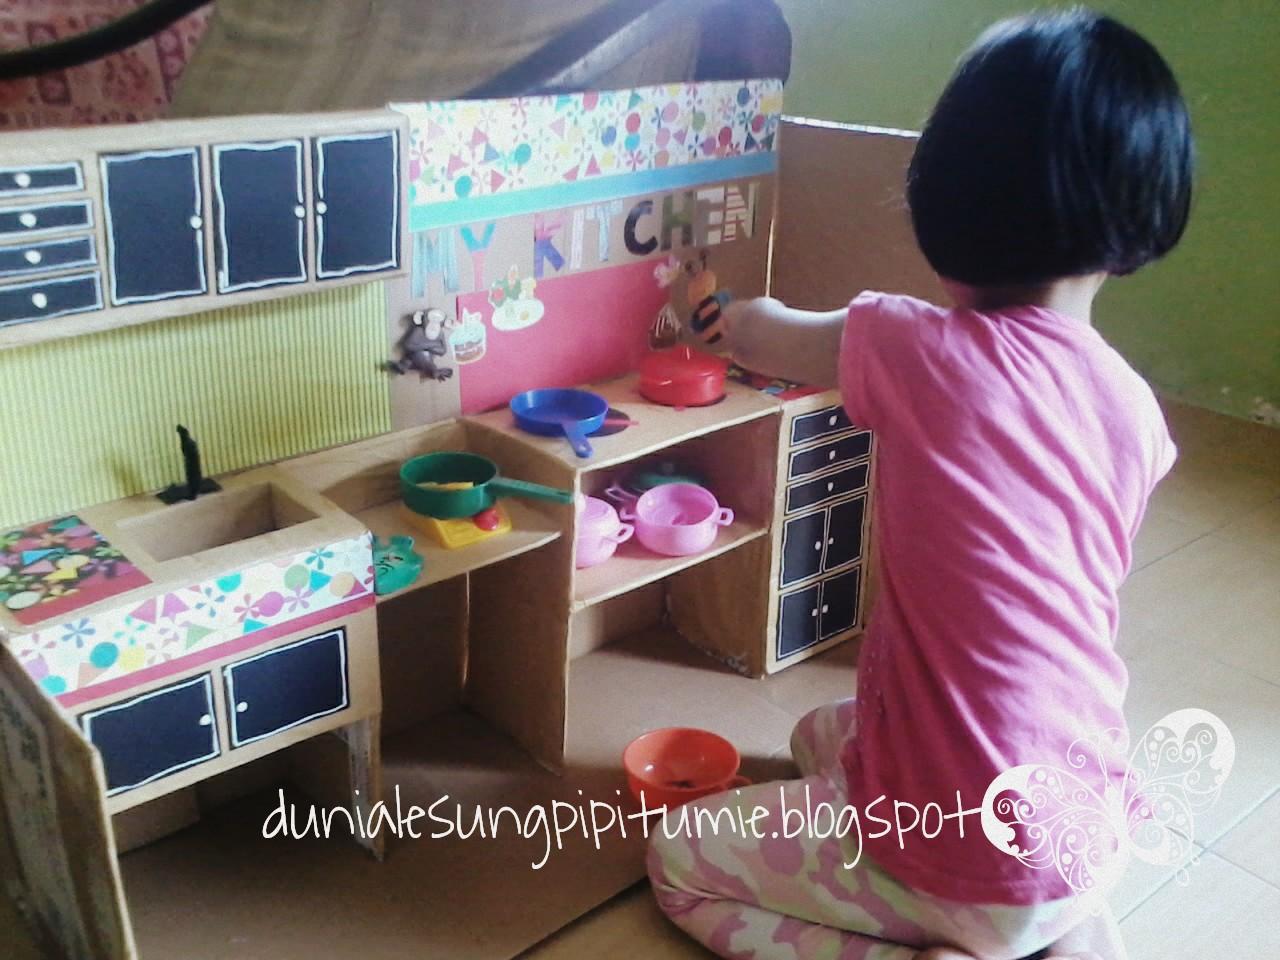 Kitchen Cabinet Mainan Cantek X Bole La Buat Main Wlupun Xbpe Nk Nmpk Sgt Dhia Biase Budak Xfokus Lame Klu Ckit2 Ke2 Jadi